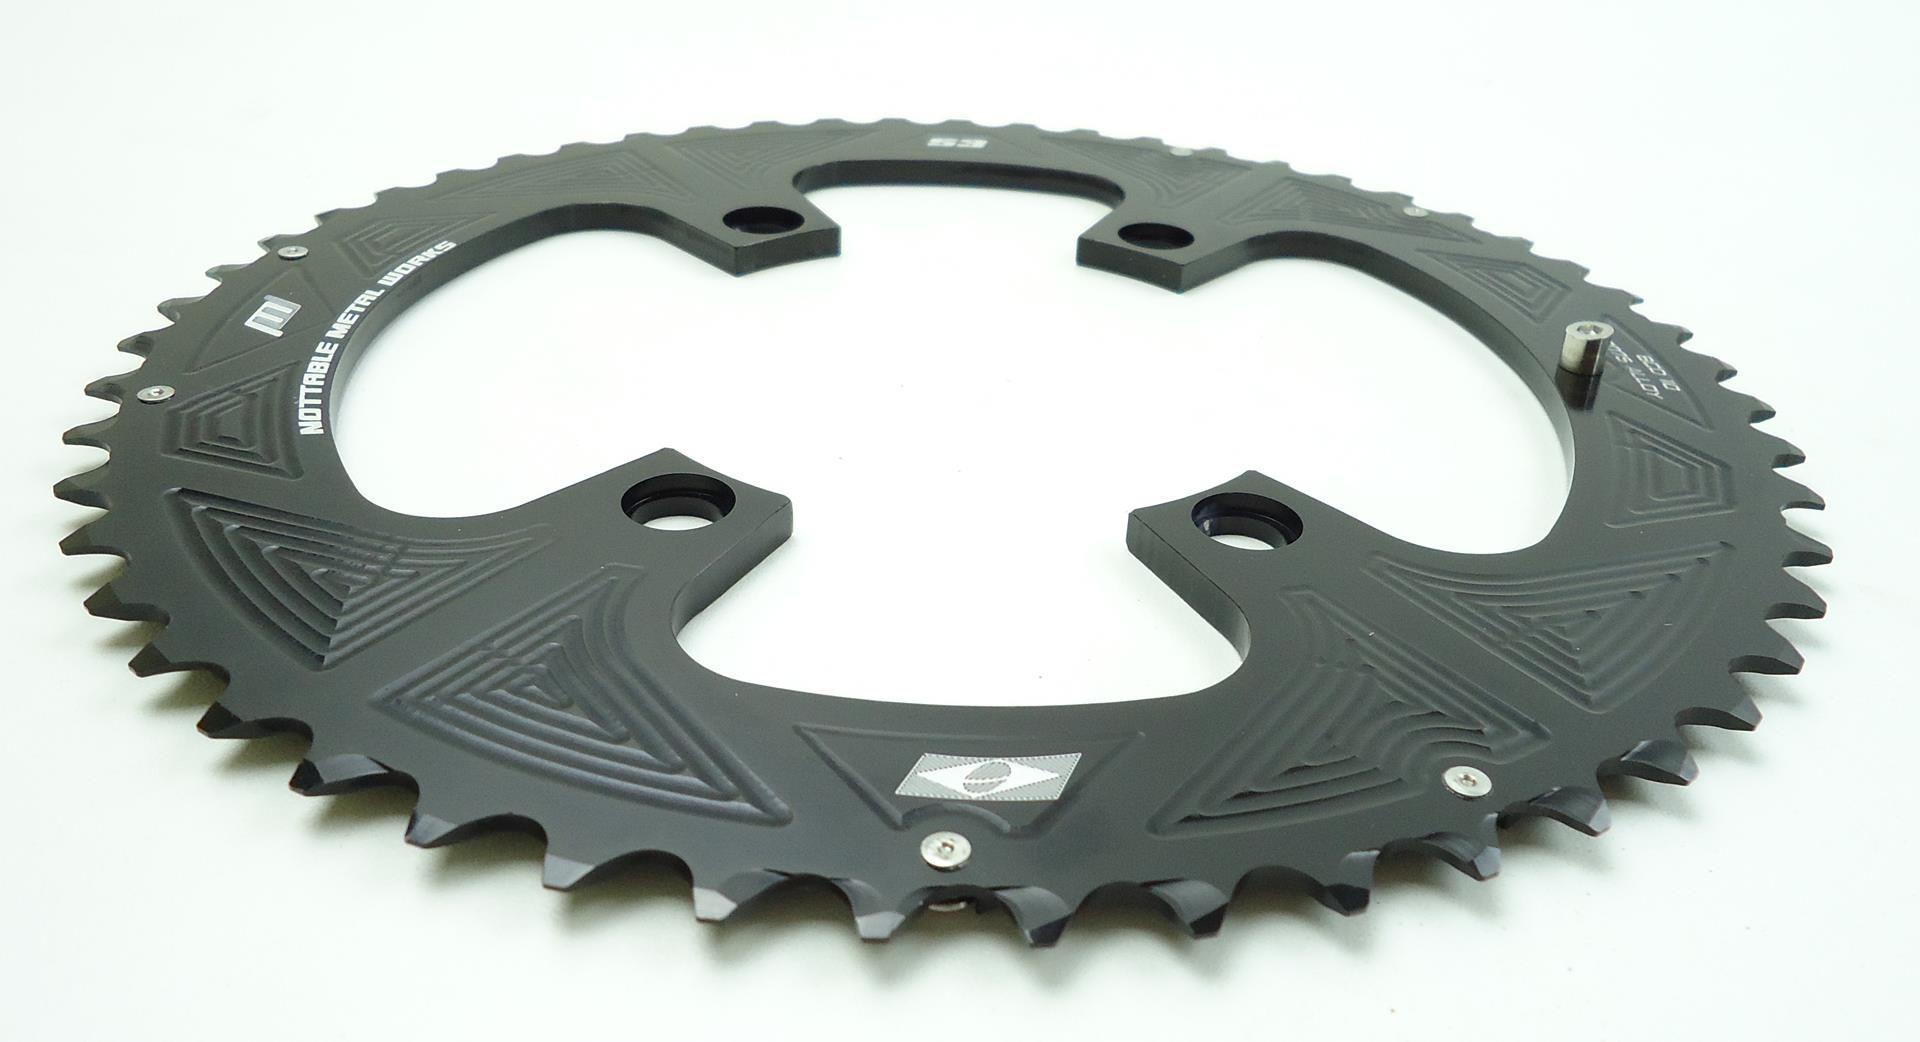 Coroas Dupla Bicicleta Speed Nottable 53-39 para Pedivelas 4 Furos BCD 110mm Serve Shimano 105 Ultegra Dura-ace